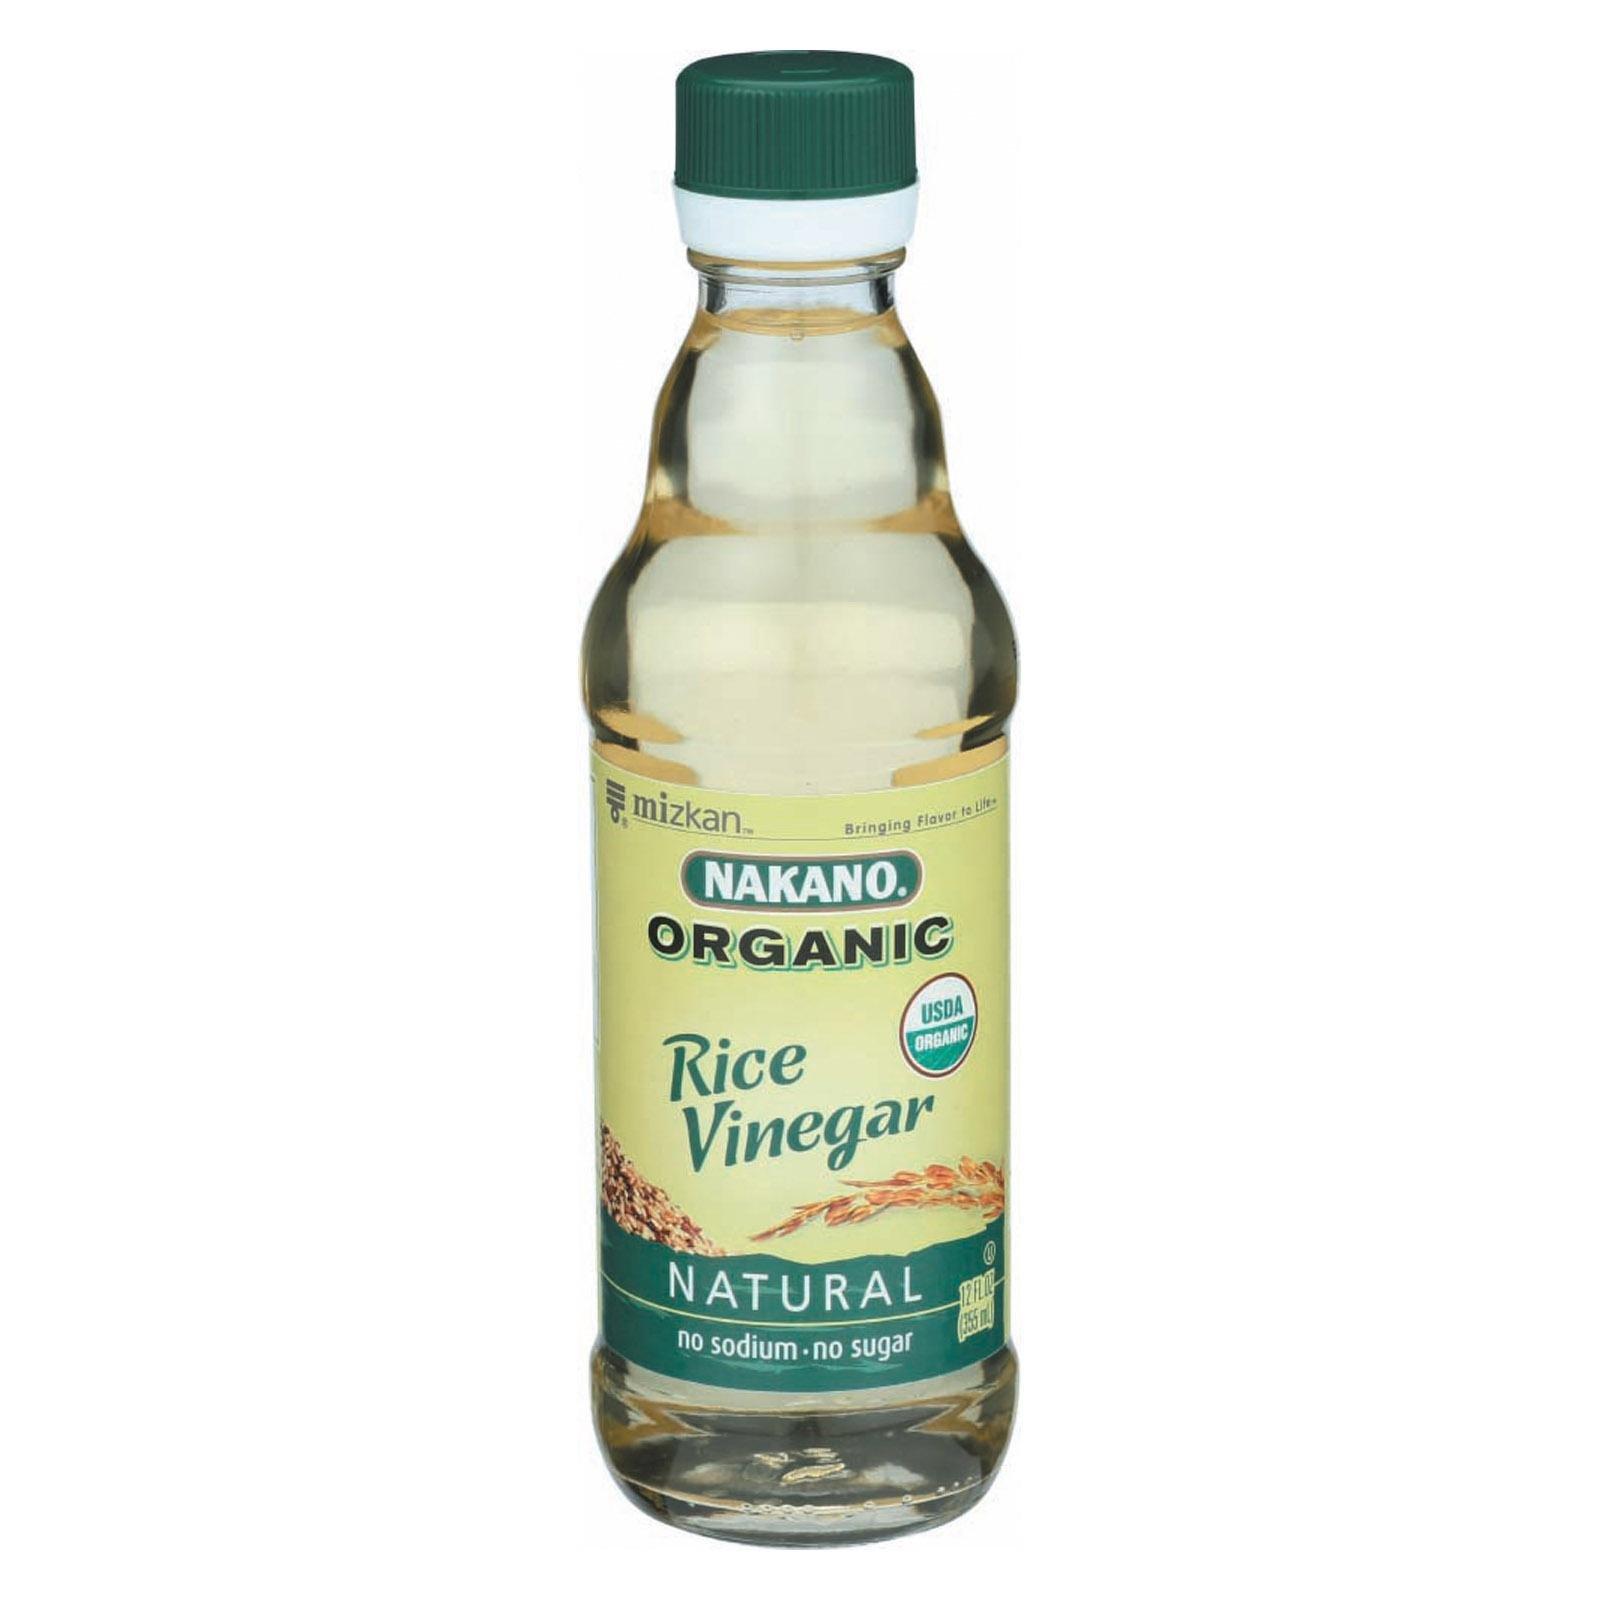 Nakano Vinegar Rice Natural Organic, 12 oz